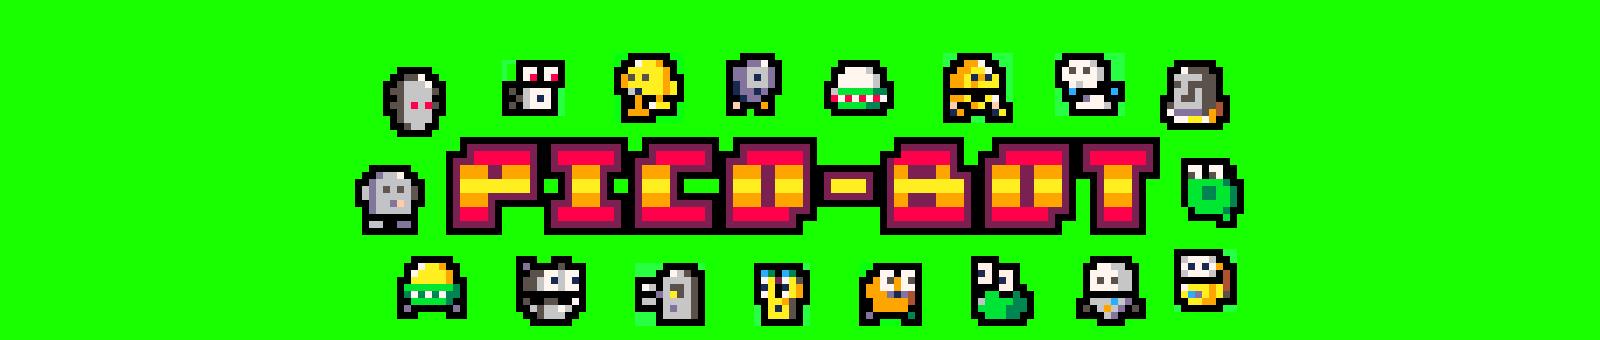 Pico-Bot